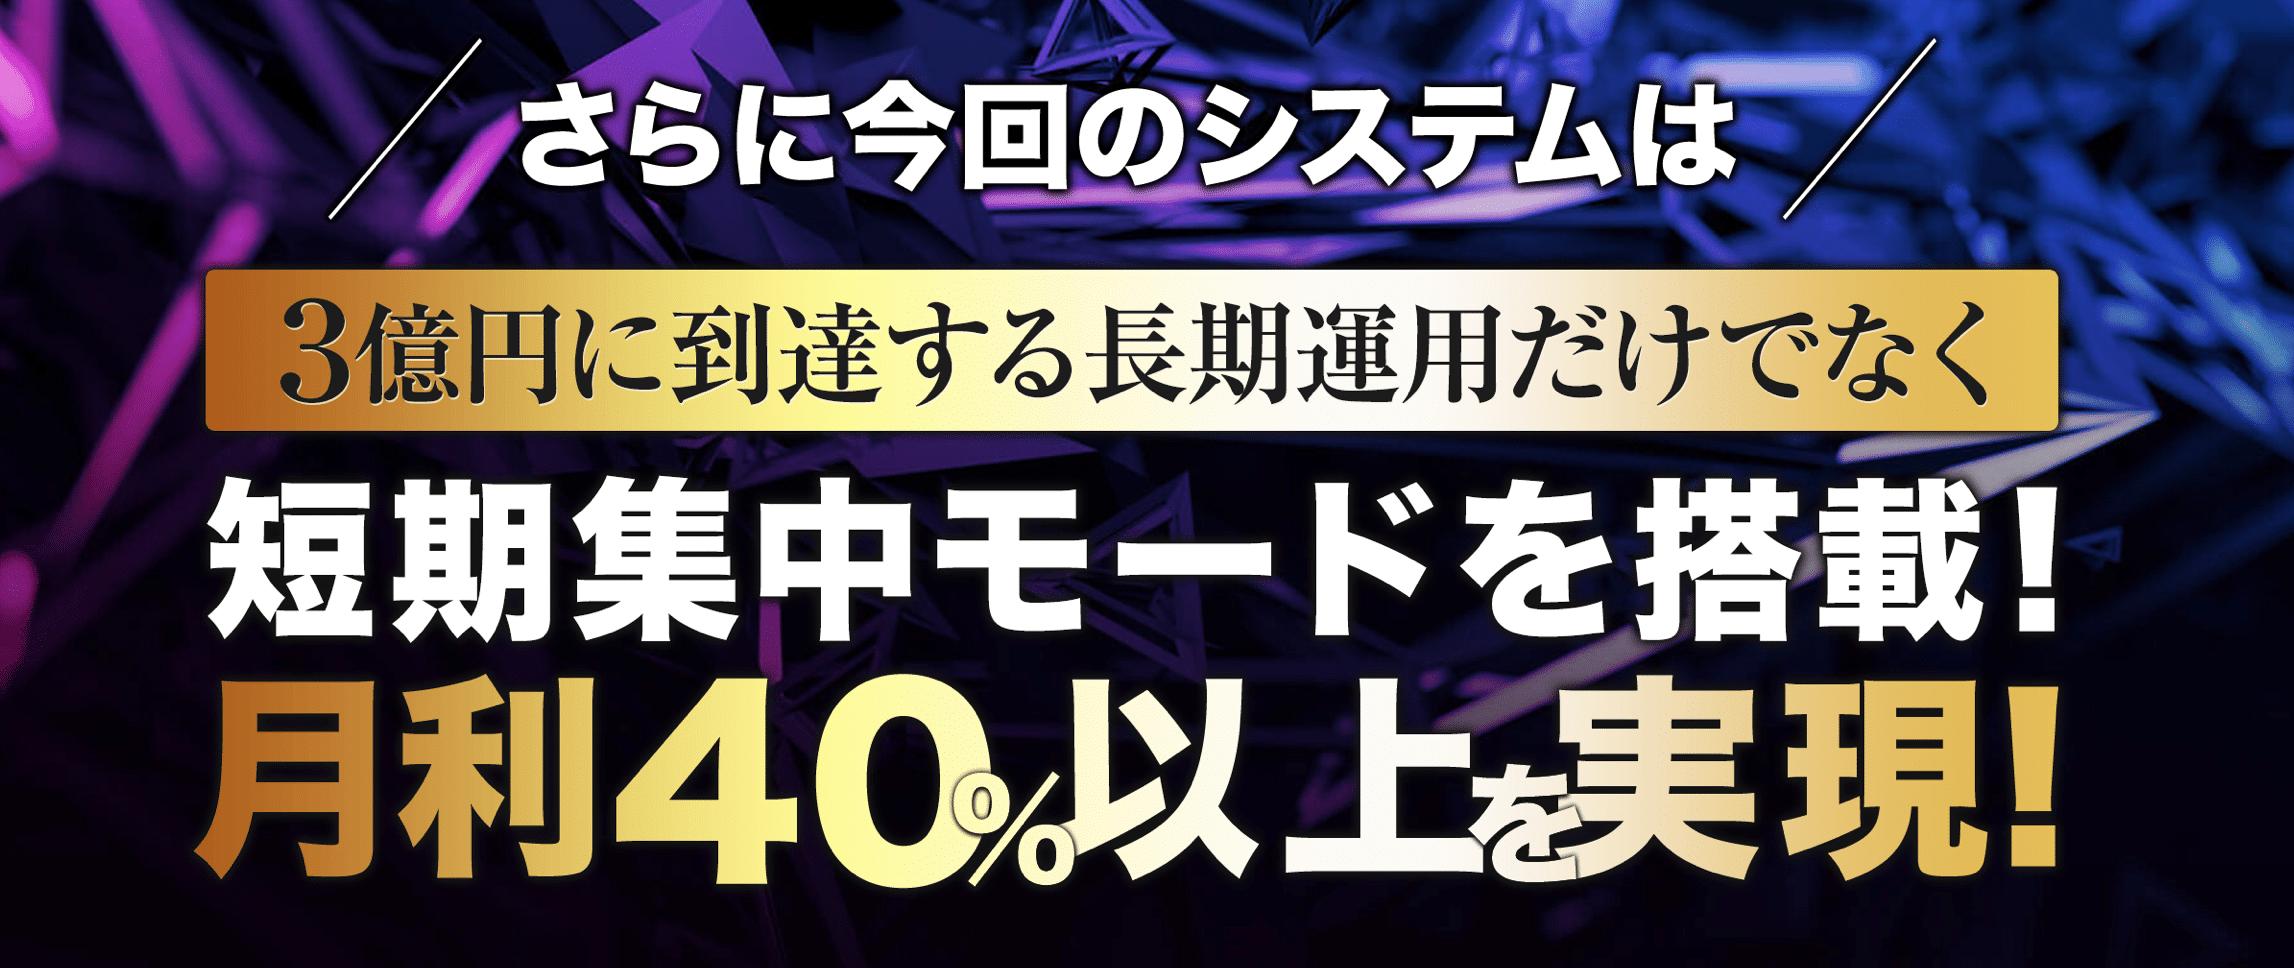 資産3億円プロジェクト2